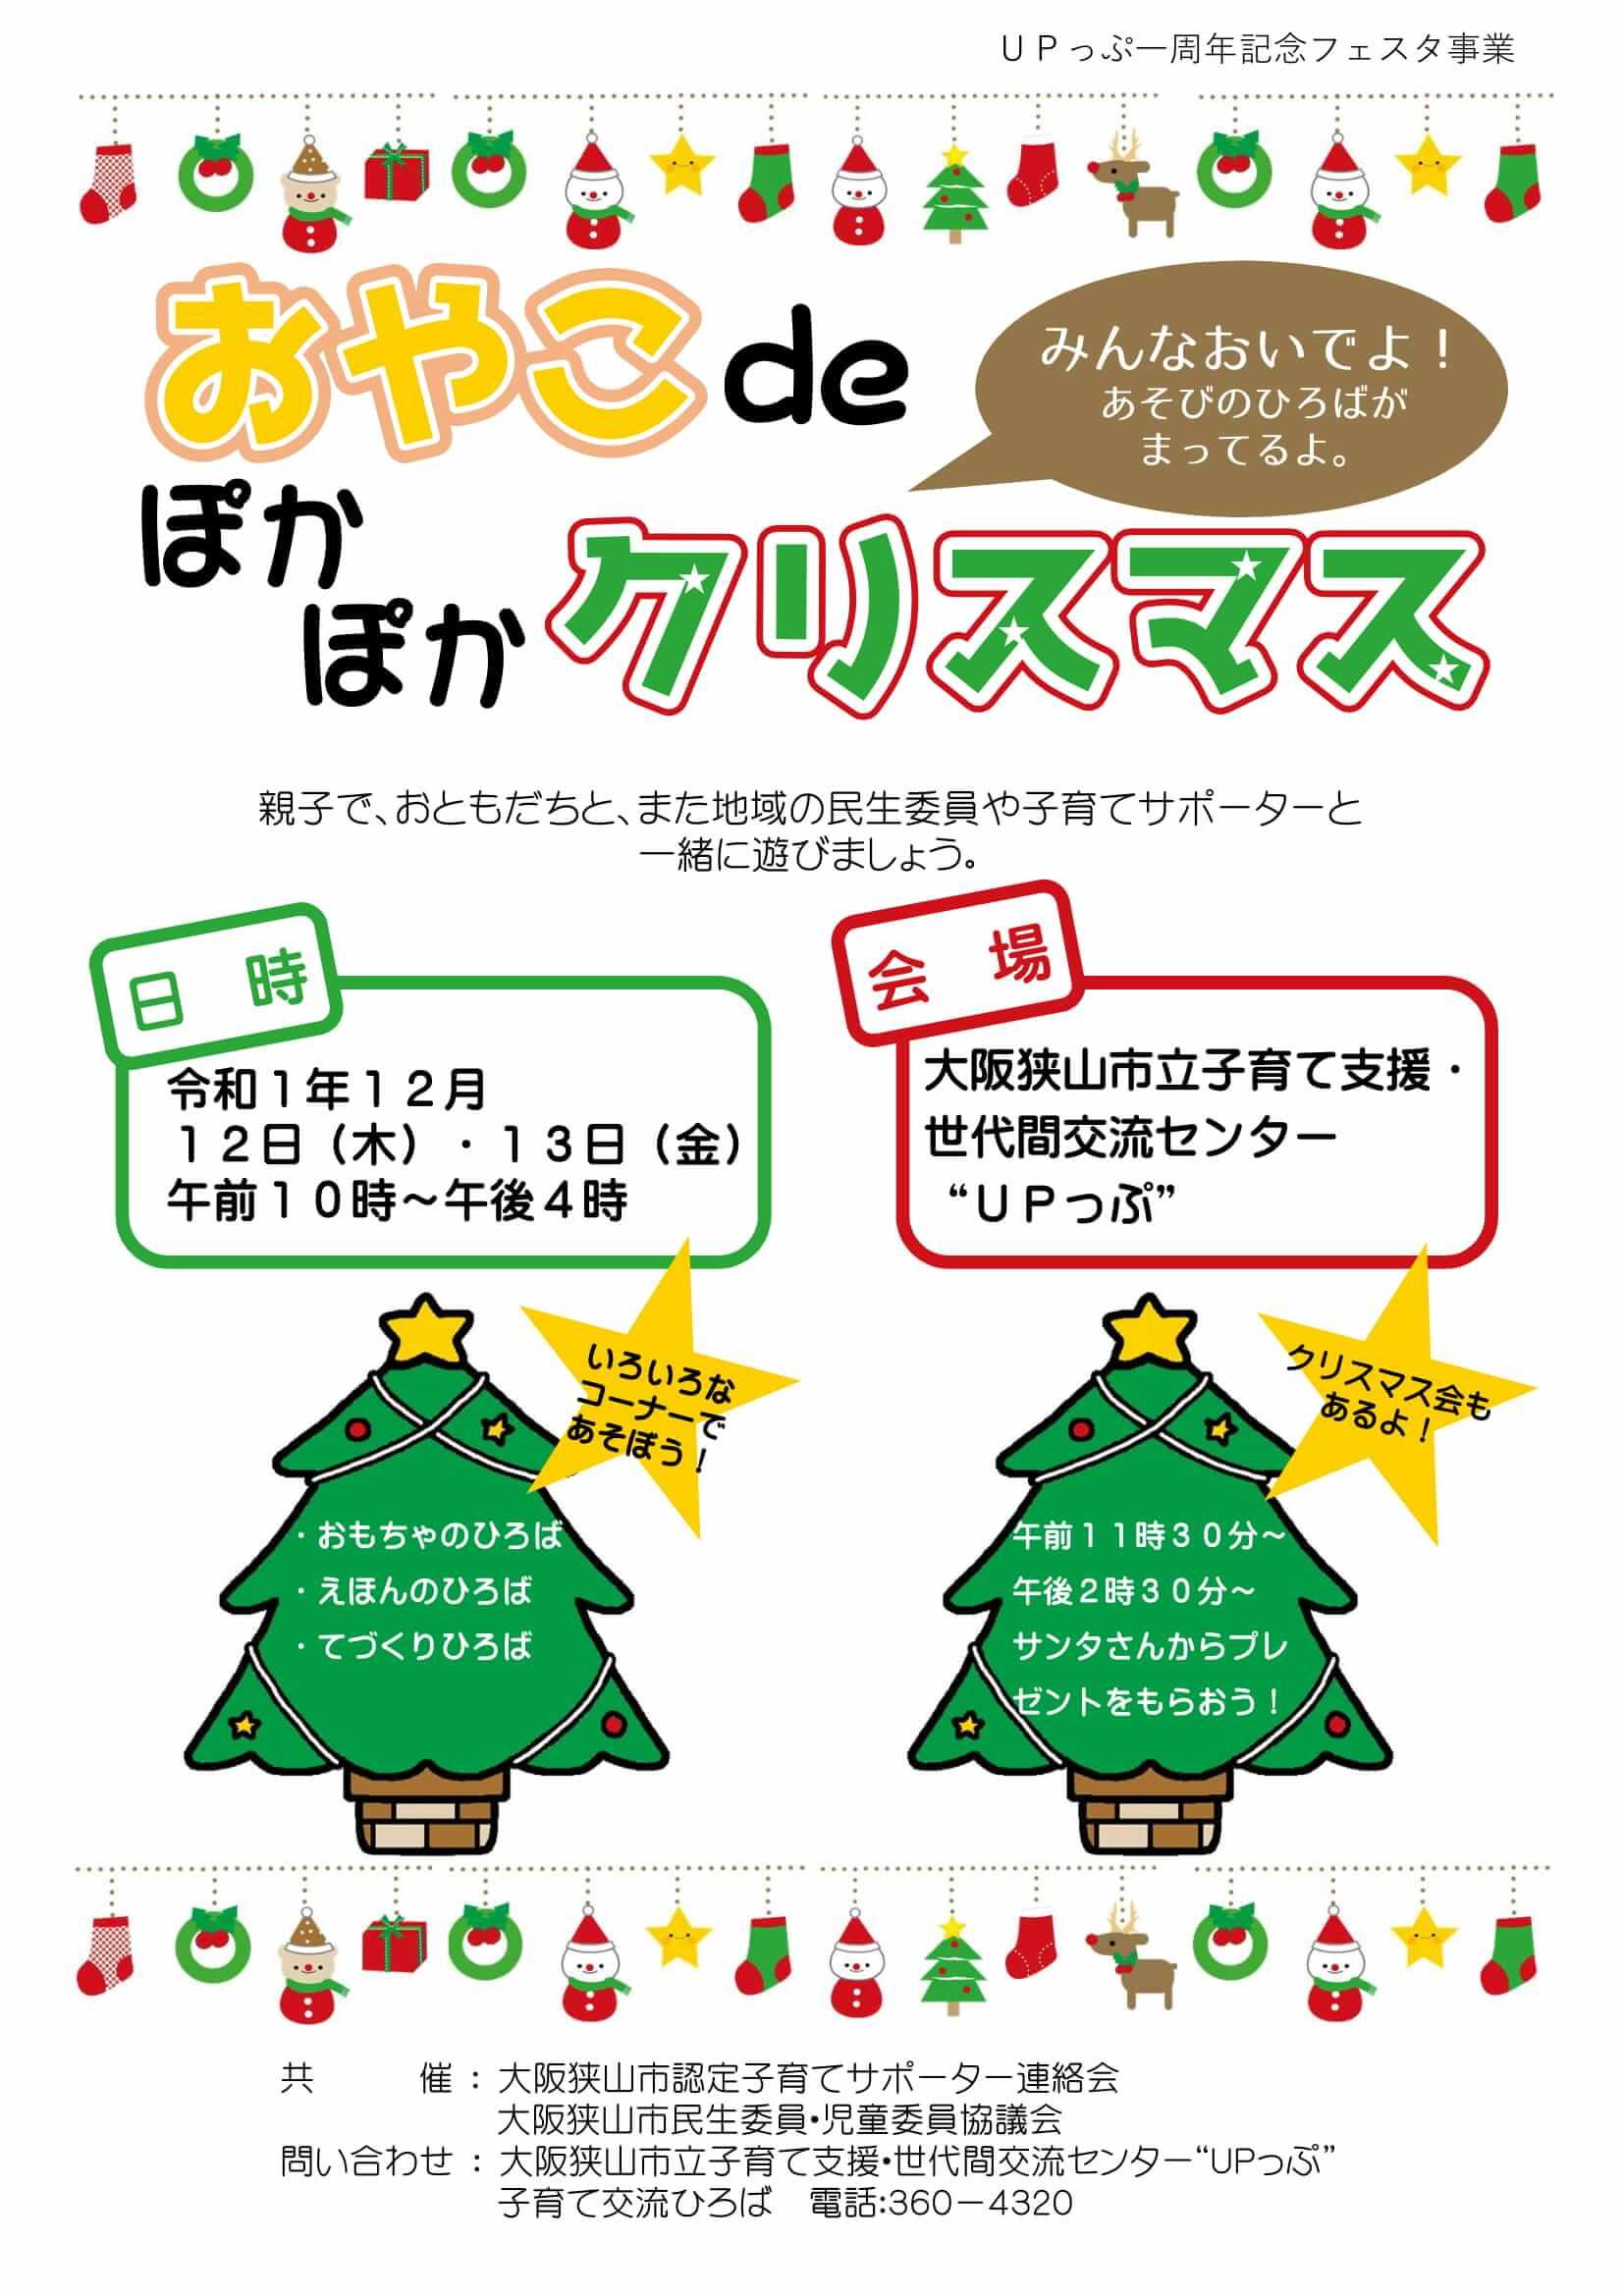 【UPっぷ】「おやこdeぽかぽかクリスマス」が2019年12月12日・13日に開催されます1